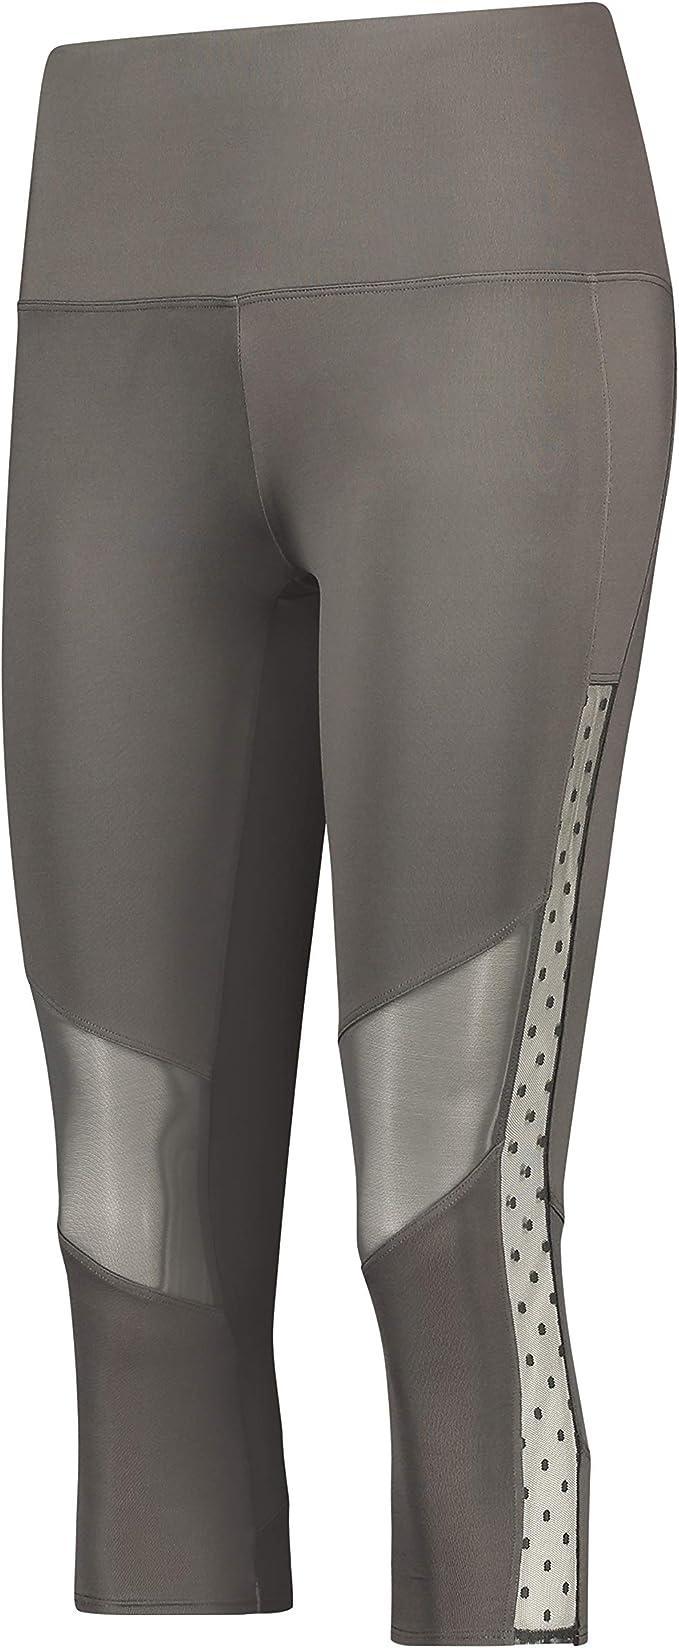 Hunkem/öller Damen HKMX Sportlegging hohe Taille